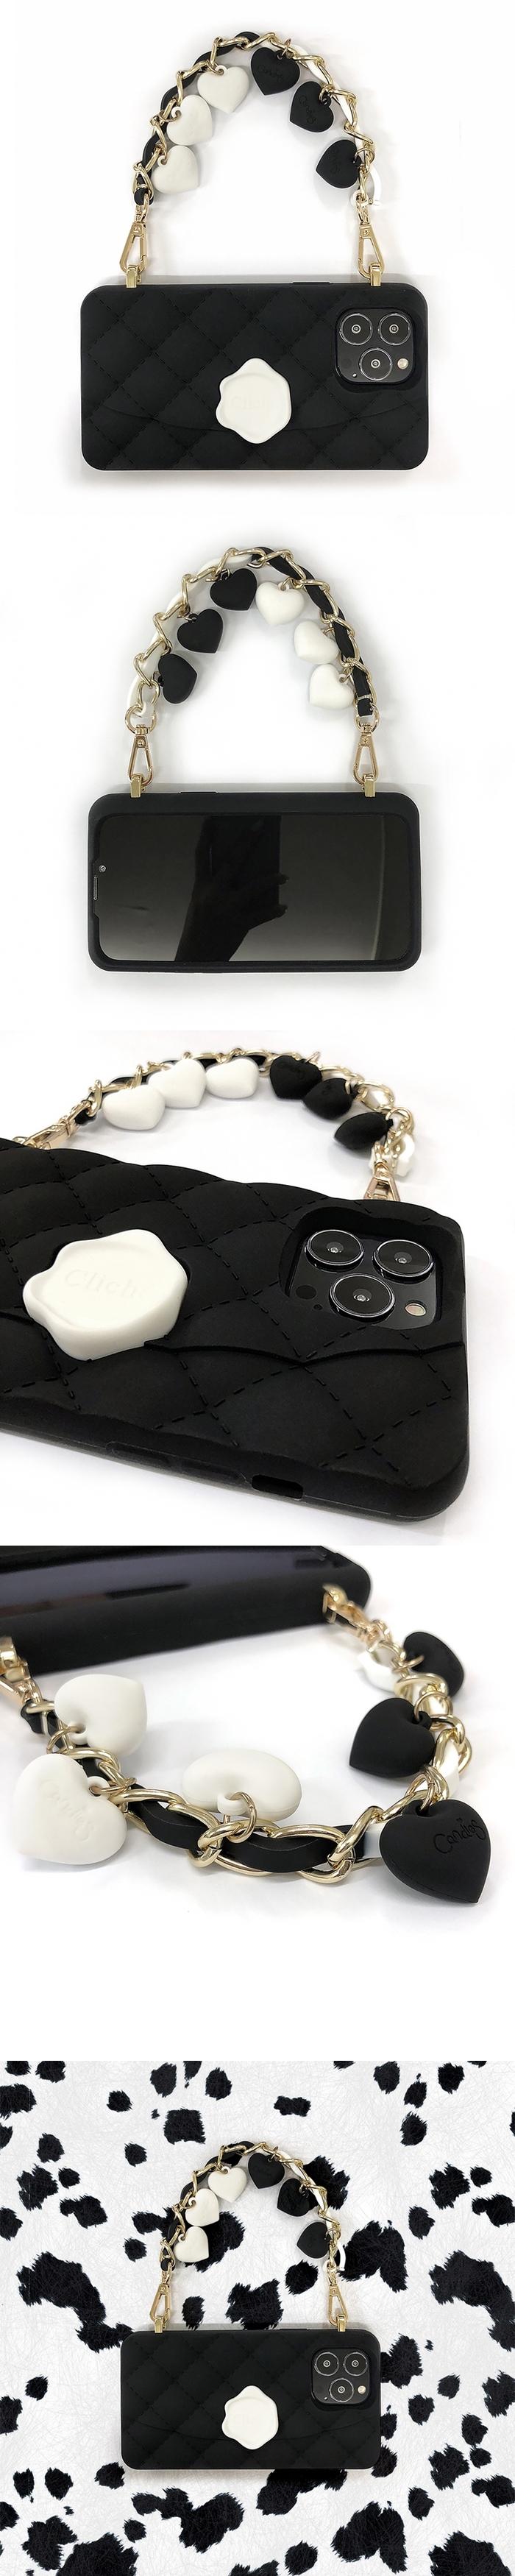 (複製)Candies|新年愛心晚宴包手機殼 - iPhone 12 Pro Max